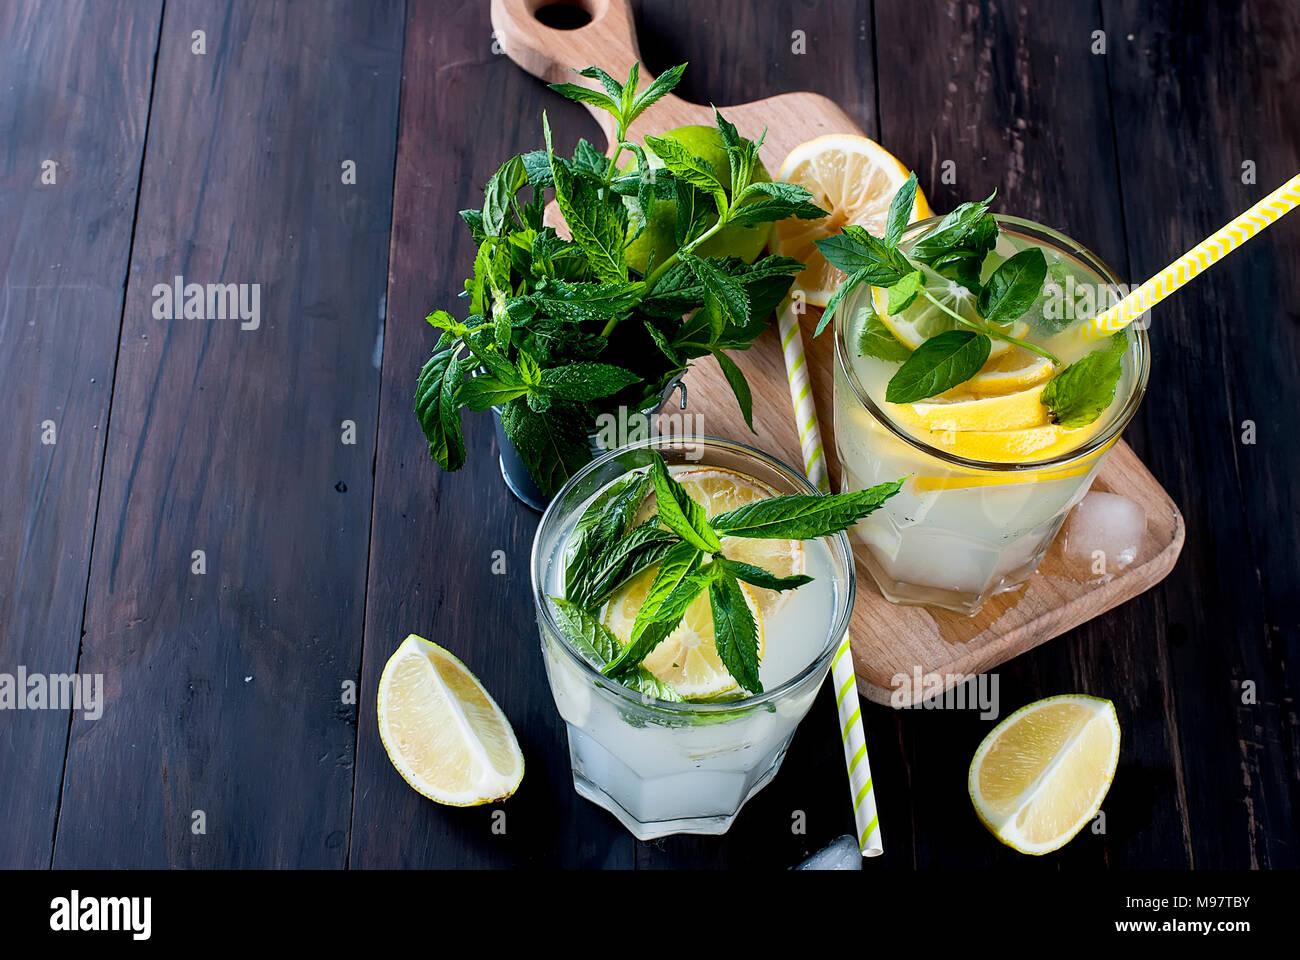 Limonade maison en verre avec de la glace et la menthe. Photo Stock